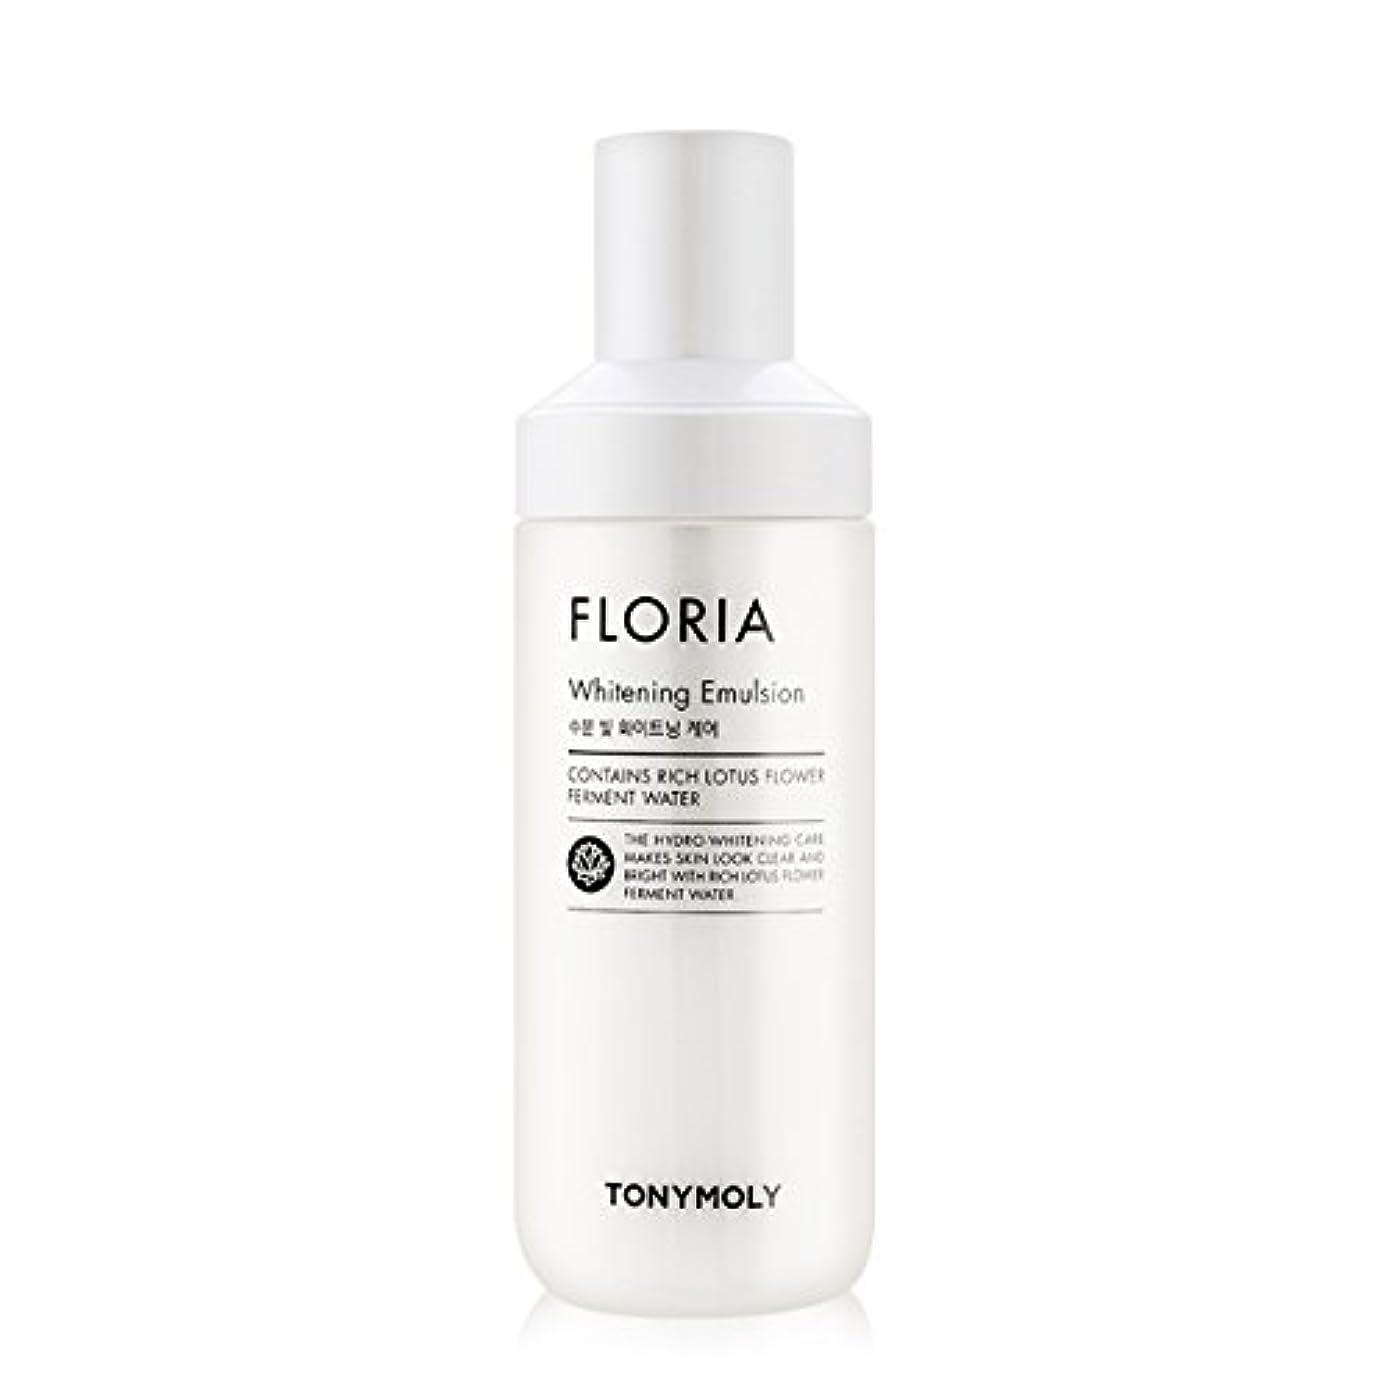 恐れる訪問呼吸する[2016 New] TONYMOLY Floria Whitening Emulsion 160ml/トニーモリー フロリア ホワイトニング エマルジョン 160ml